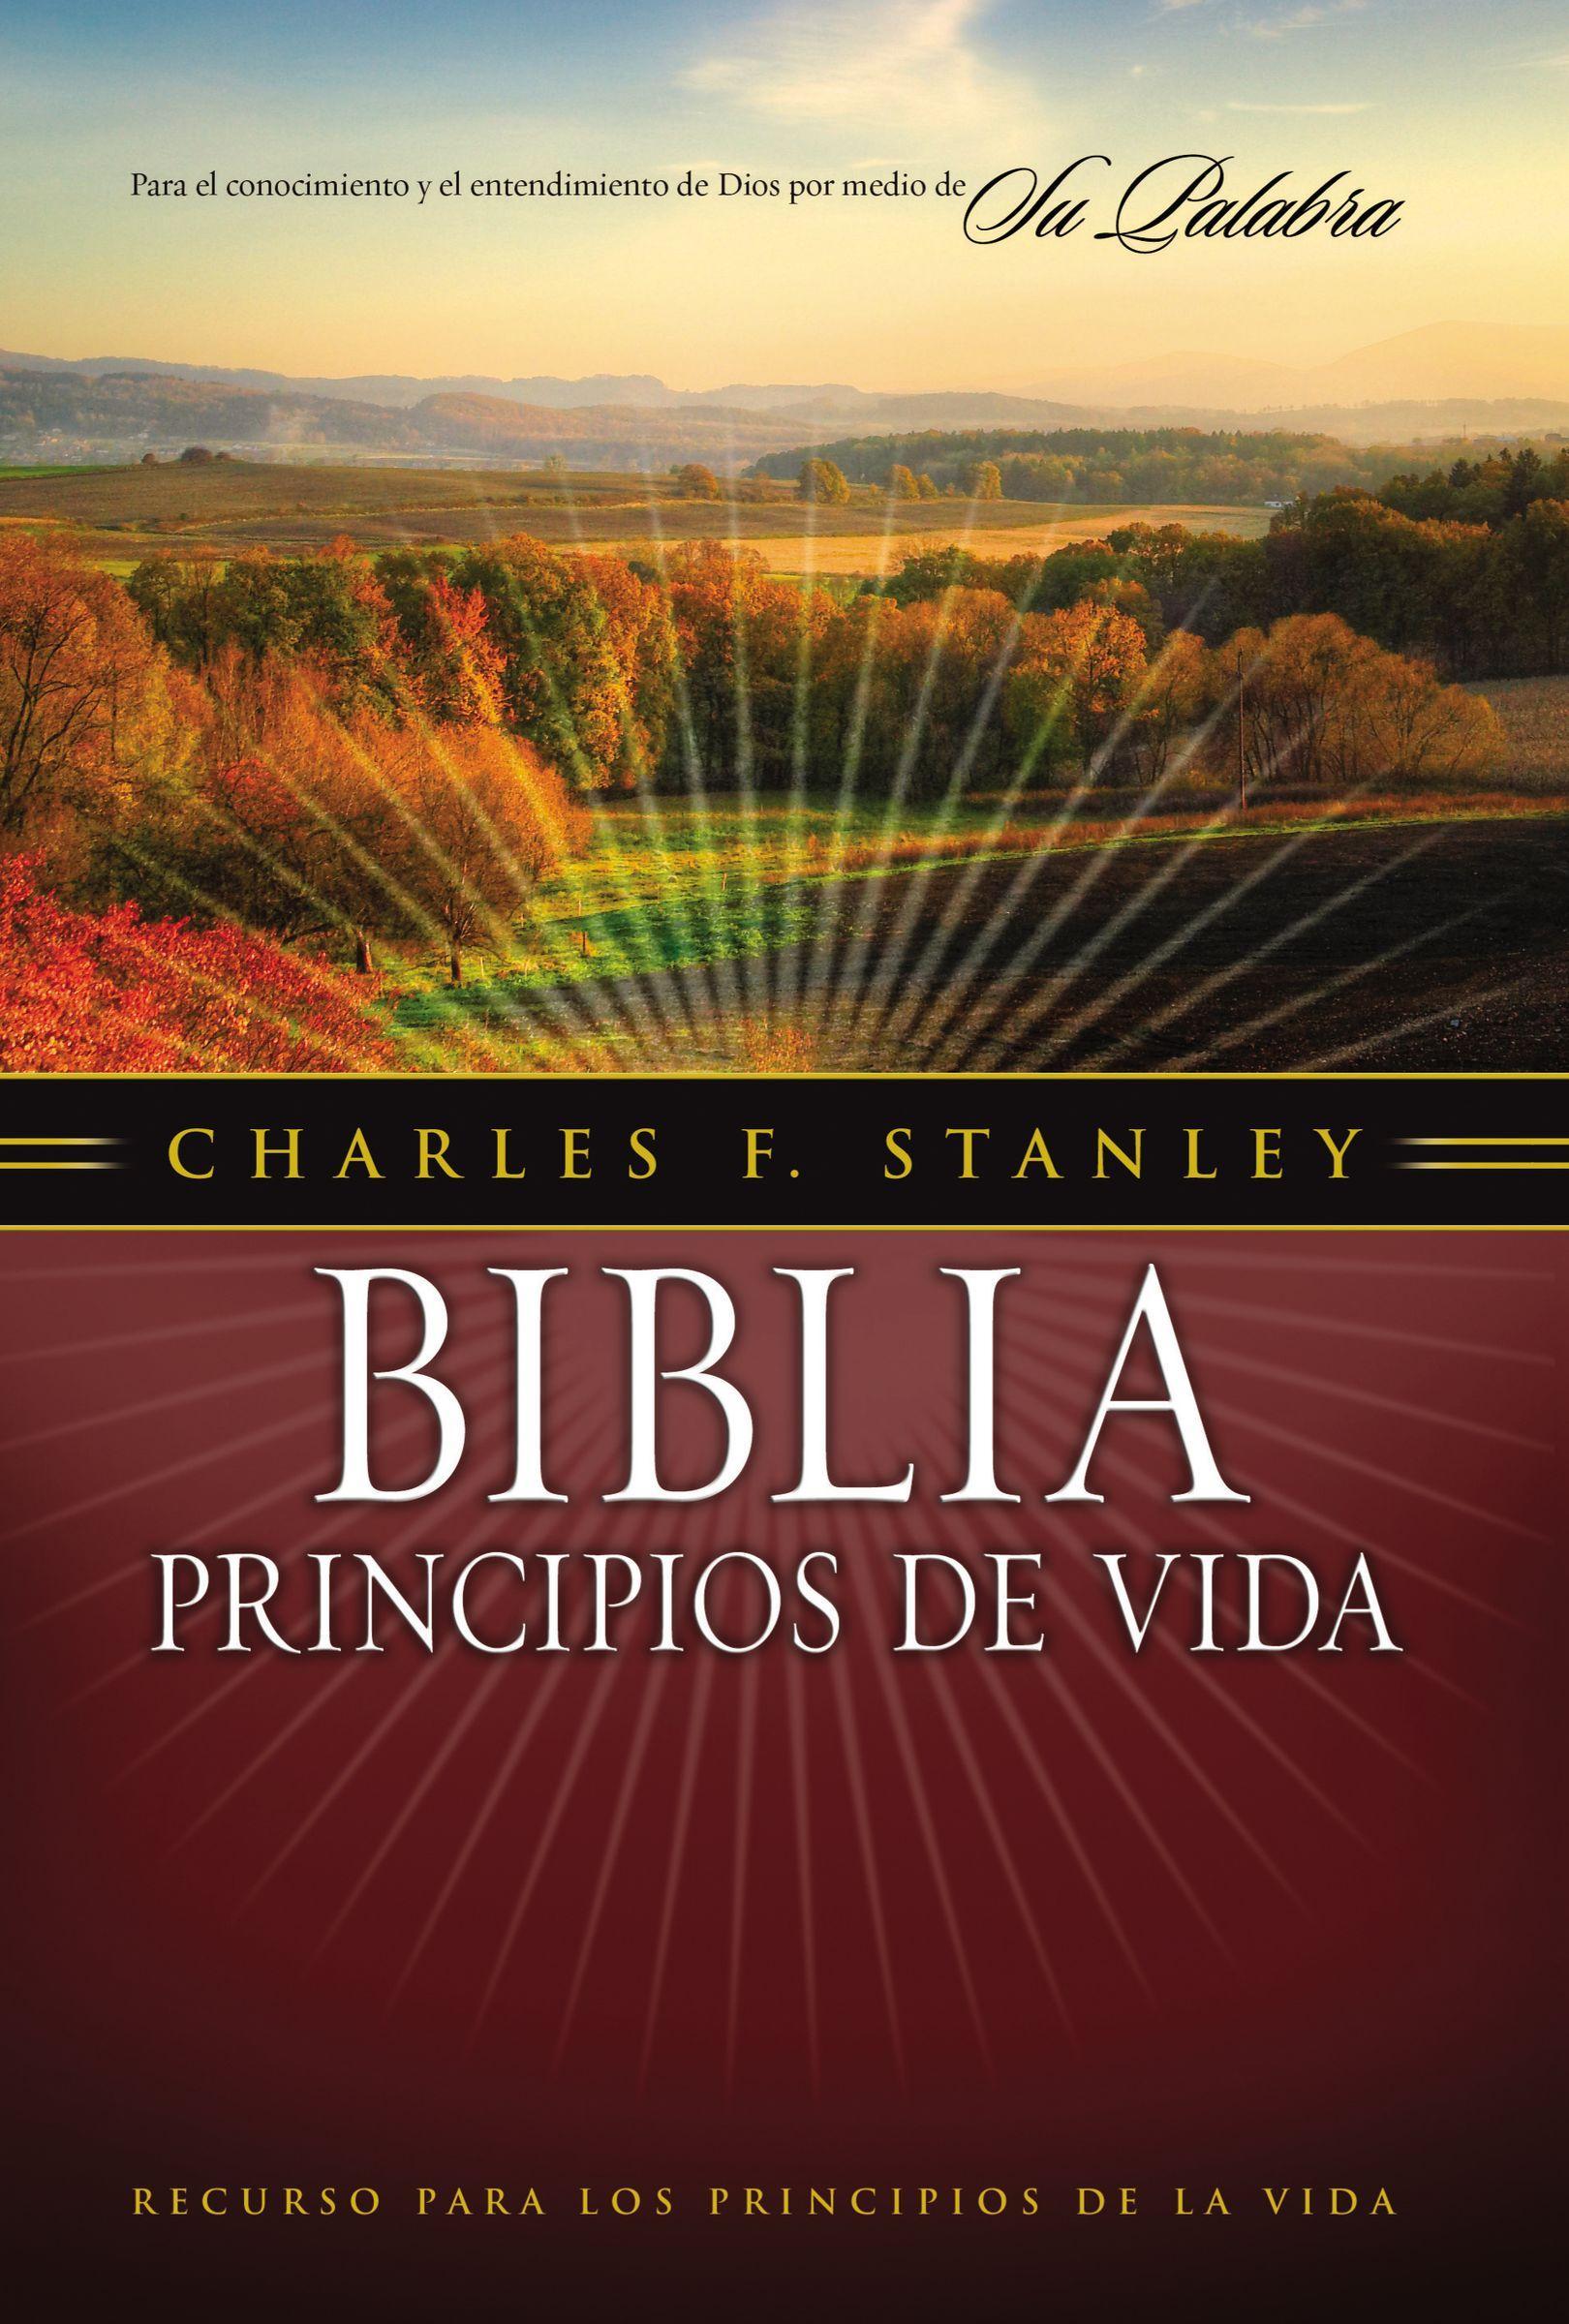 Matrimonio Biblia Paralela : Biblia principios de vida del dr. charles f. stanley 9781602550940